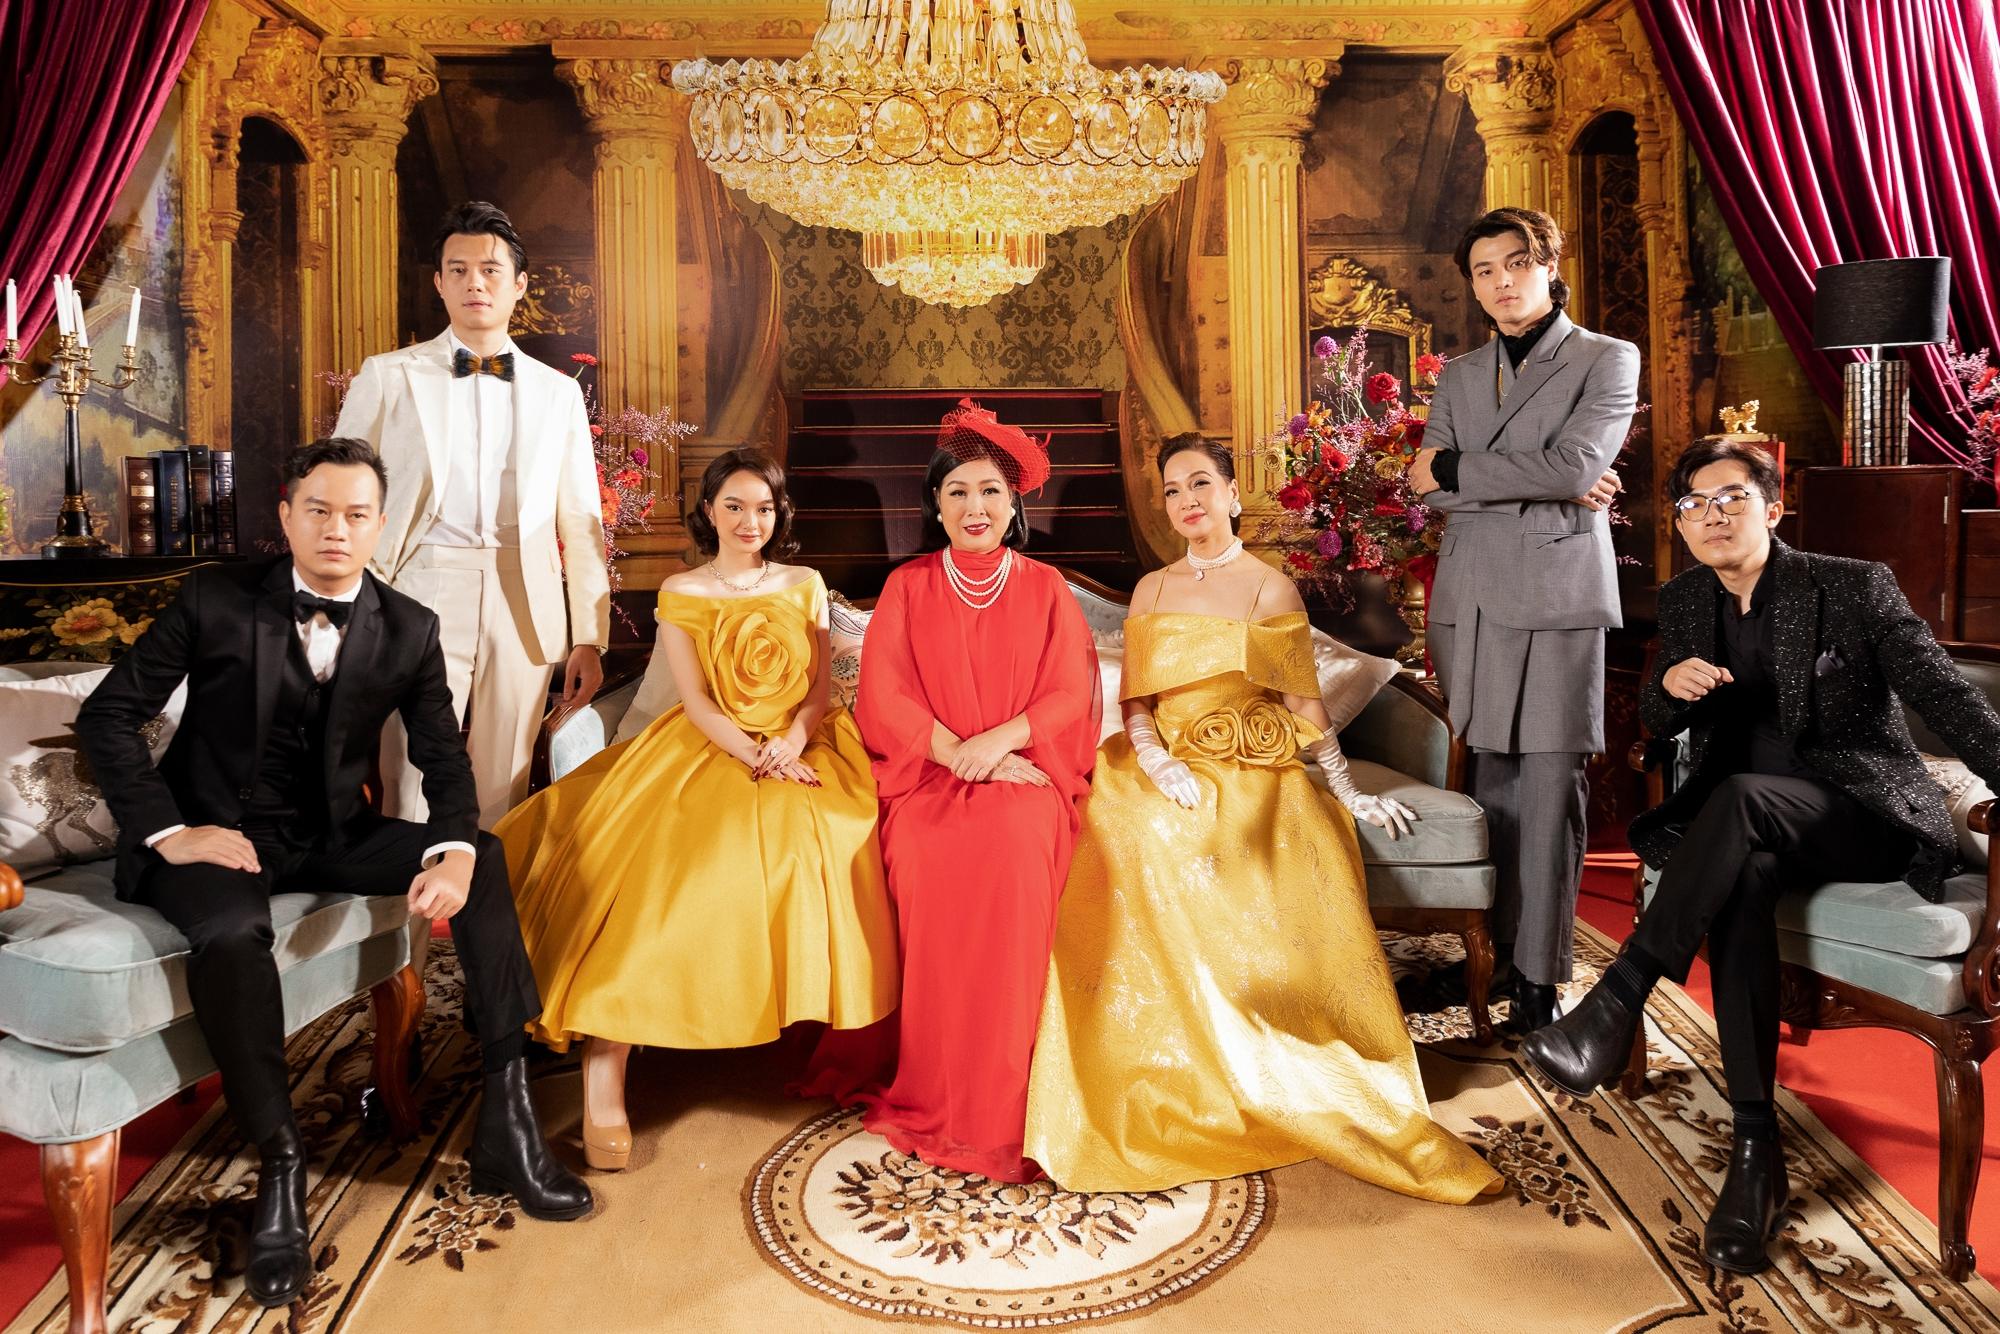 Bộ đôi đạo diễn Bảo Nhân và Namcito, dàn diễn viên gồm NSND Lê Khanh, Kaity Nguyễn, NSND Hồng Vân, Khương Lê, Anh Dũng... xuất hiện từ sớm để đón các khách mời.